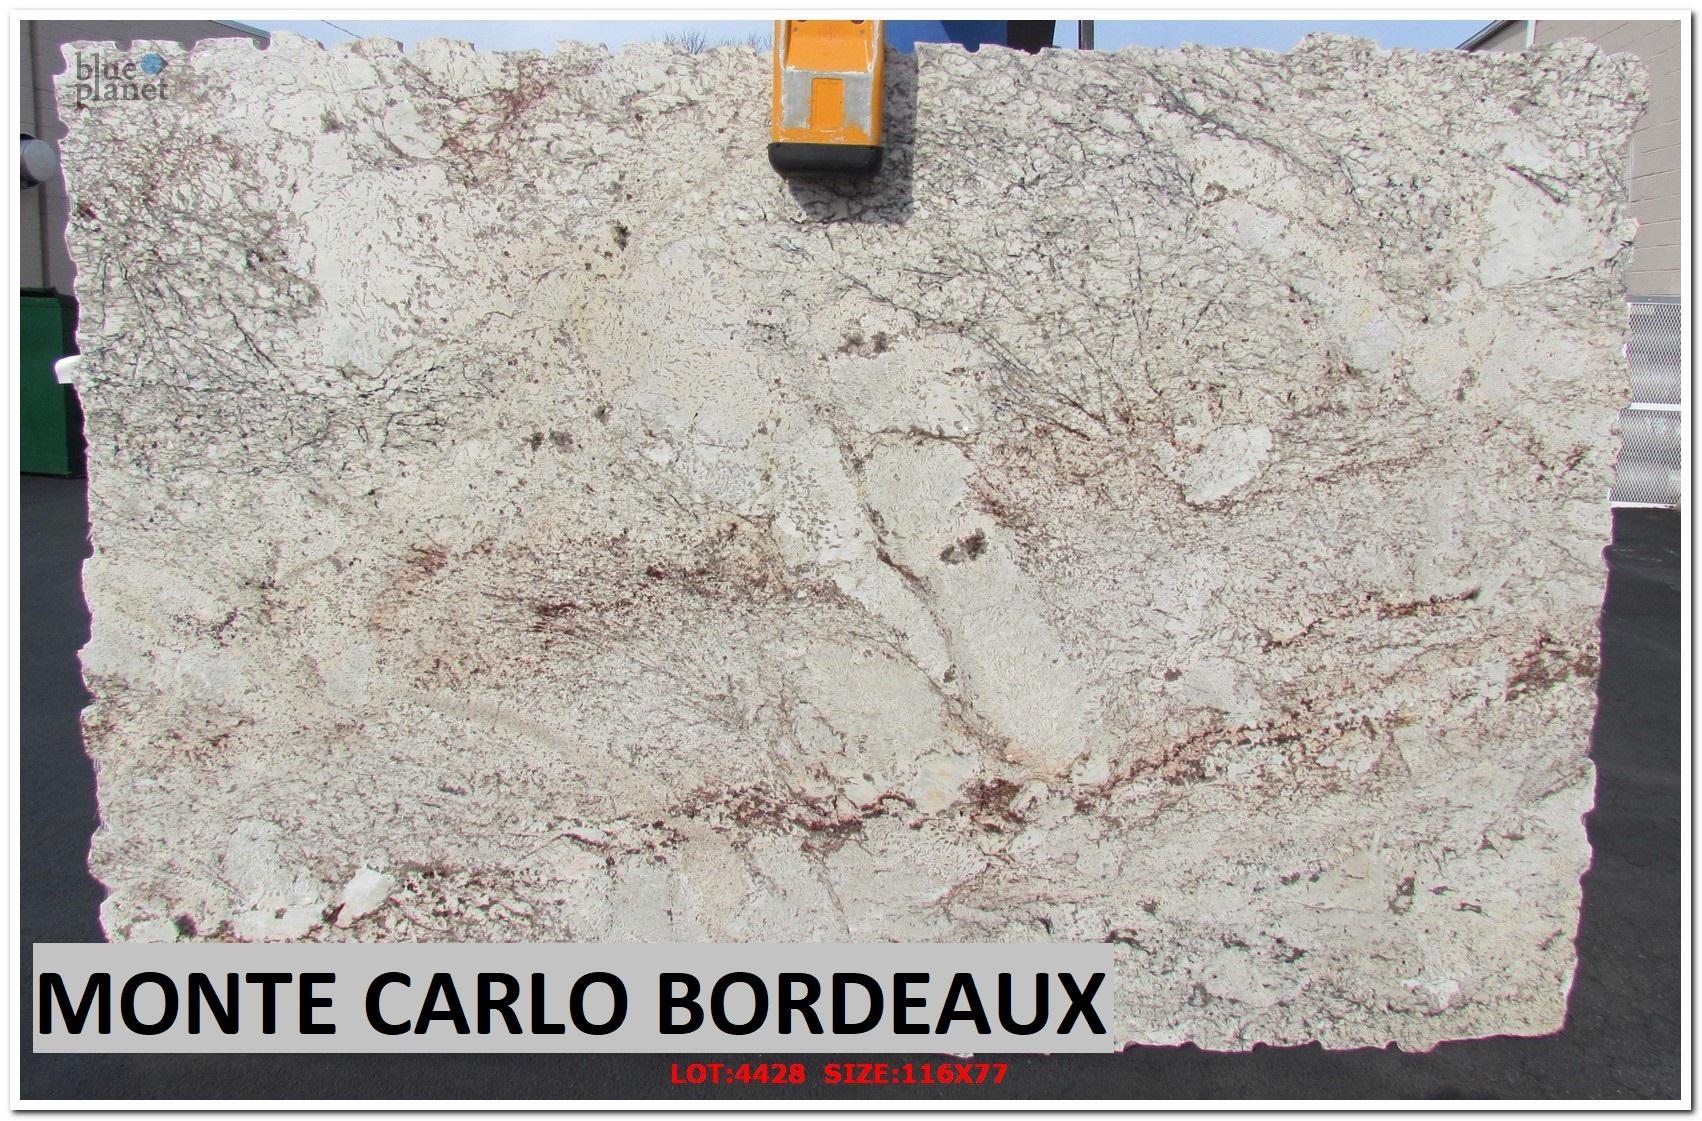 MONTE CARLO BORDEAUX